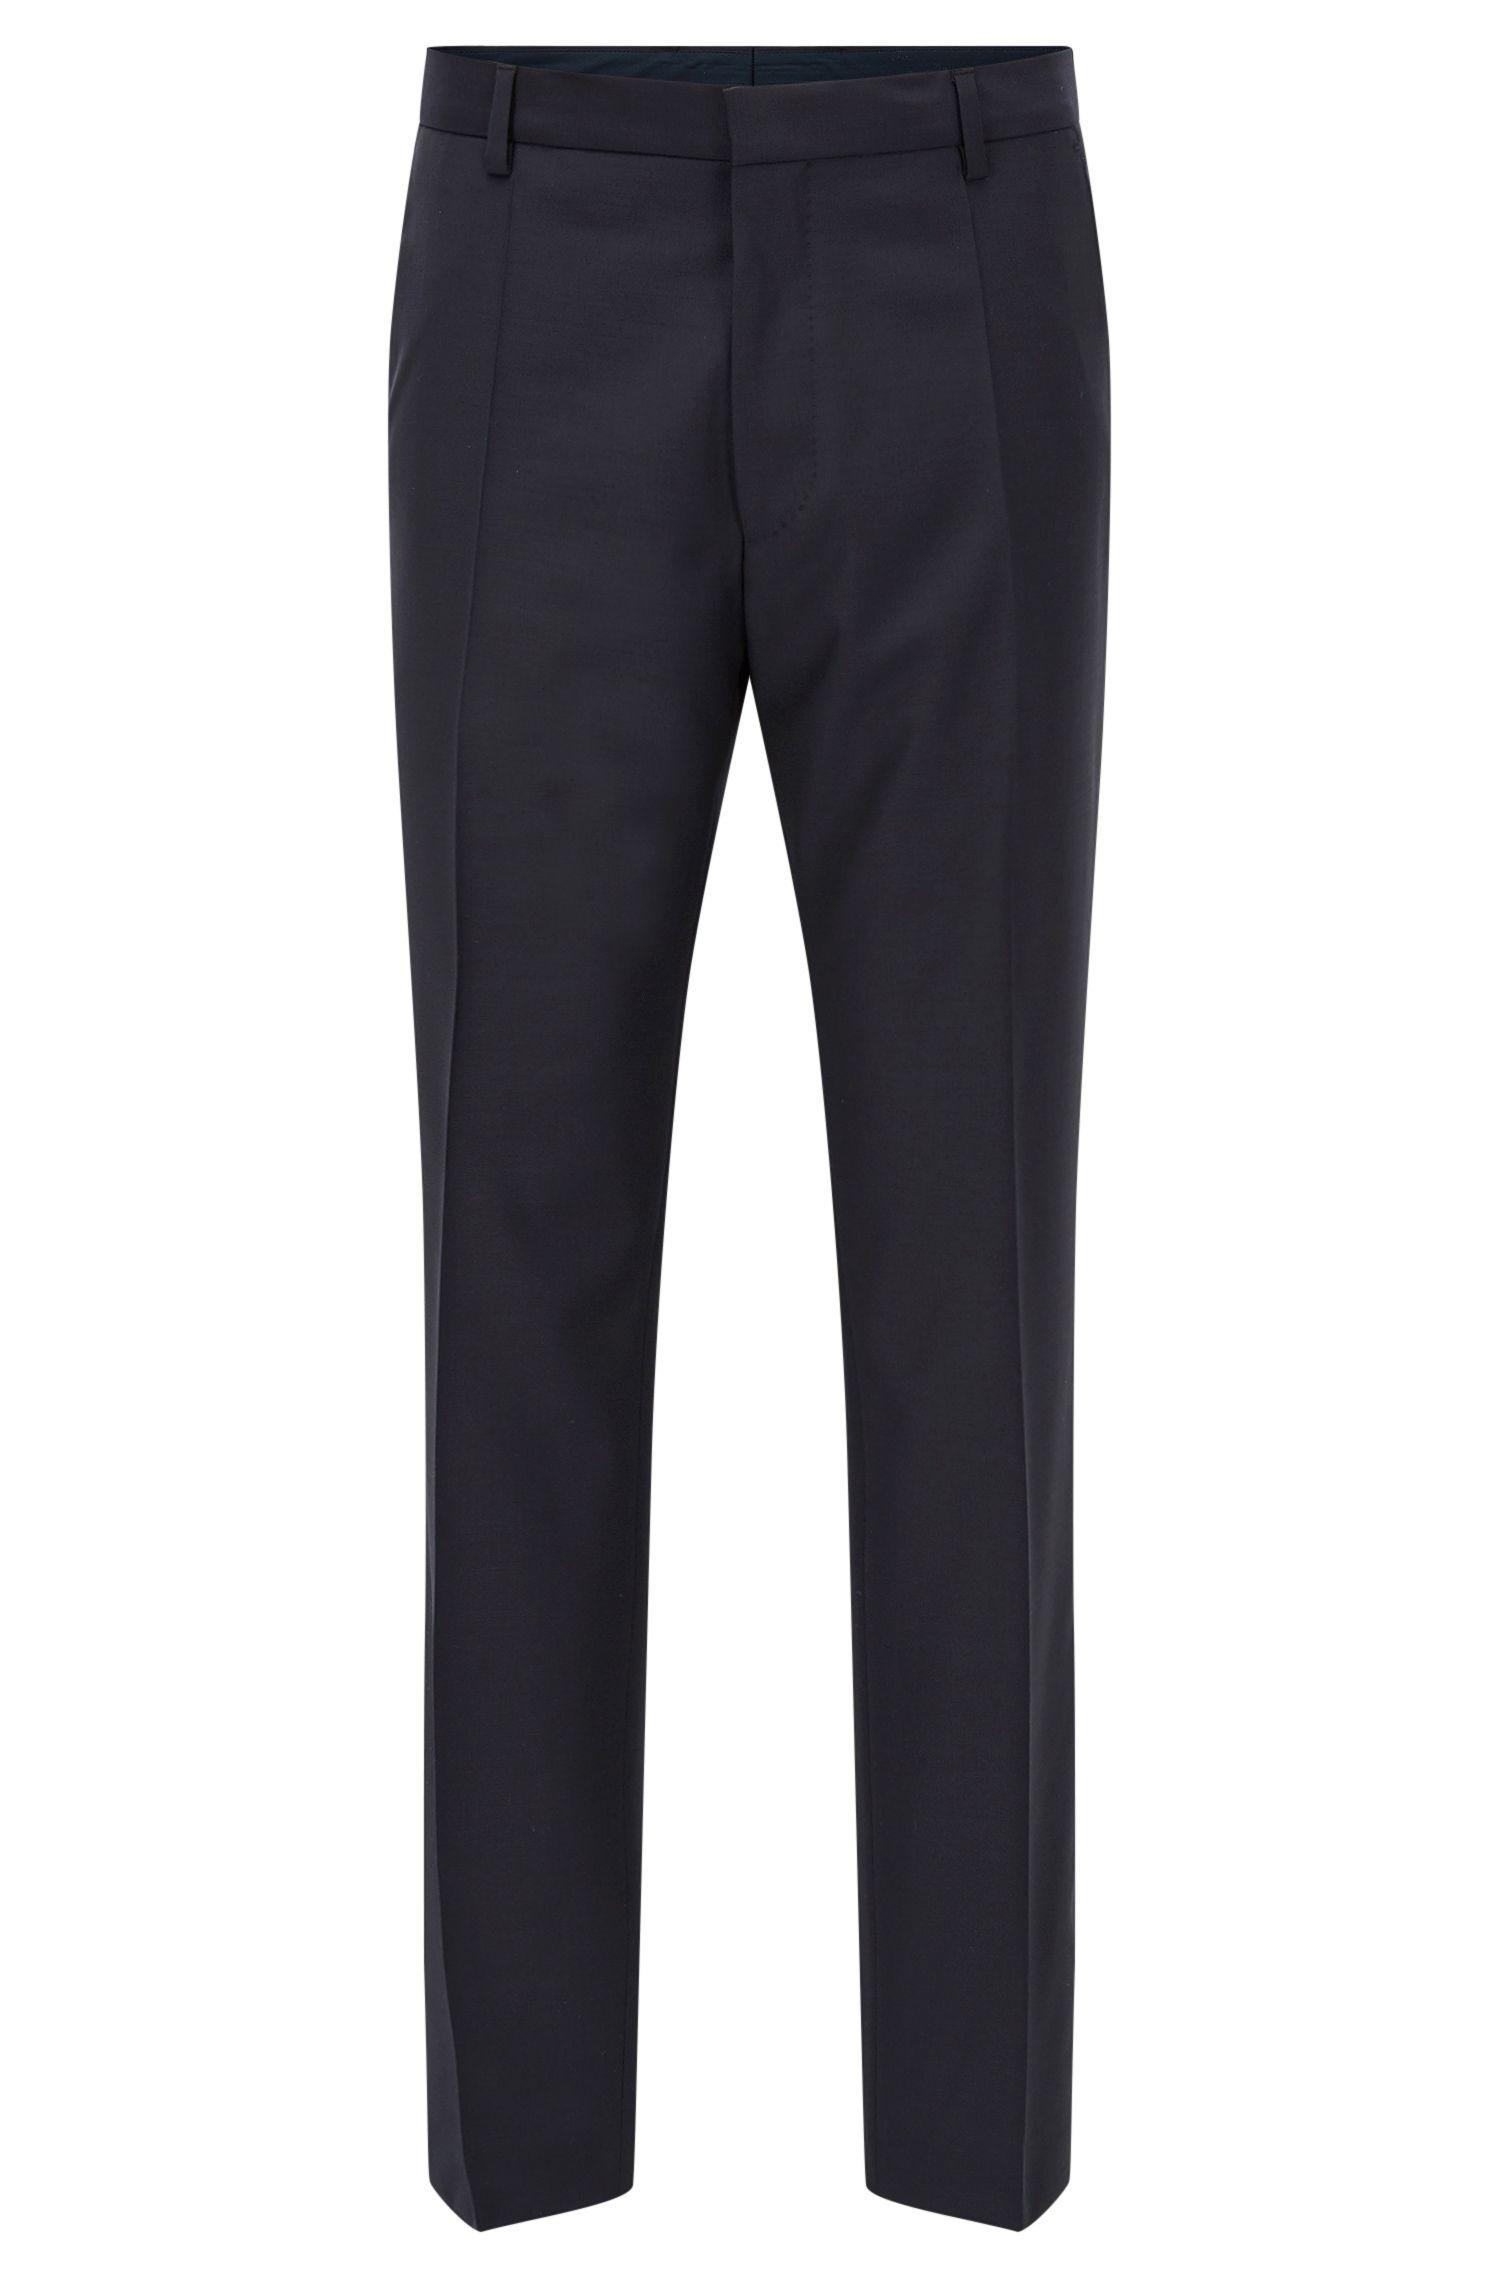 Traveler Virgin Wool Trousers, Slim Fit | Barnes